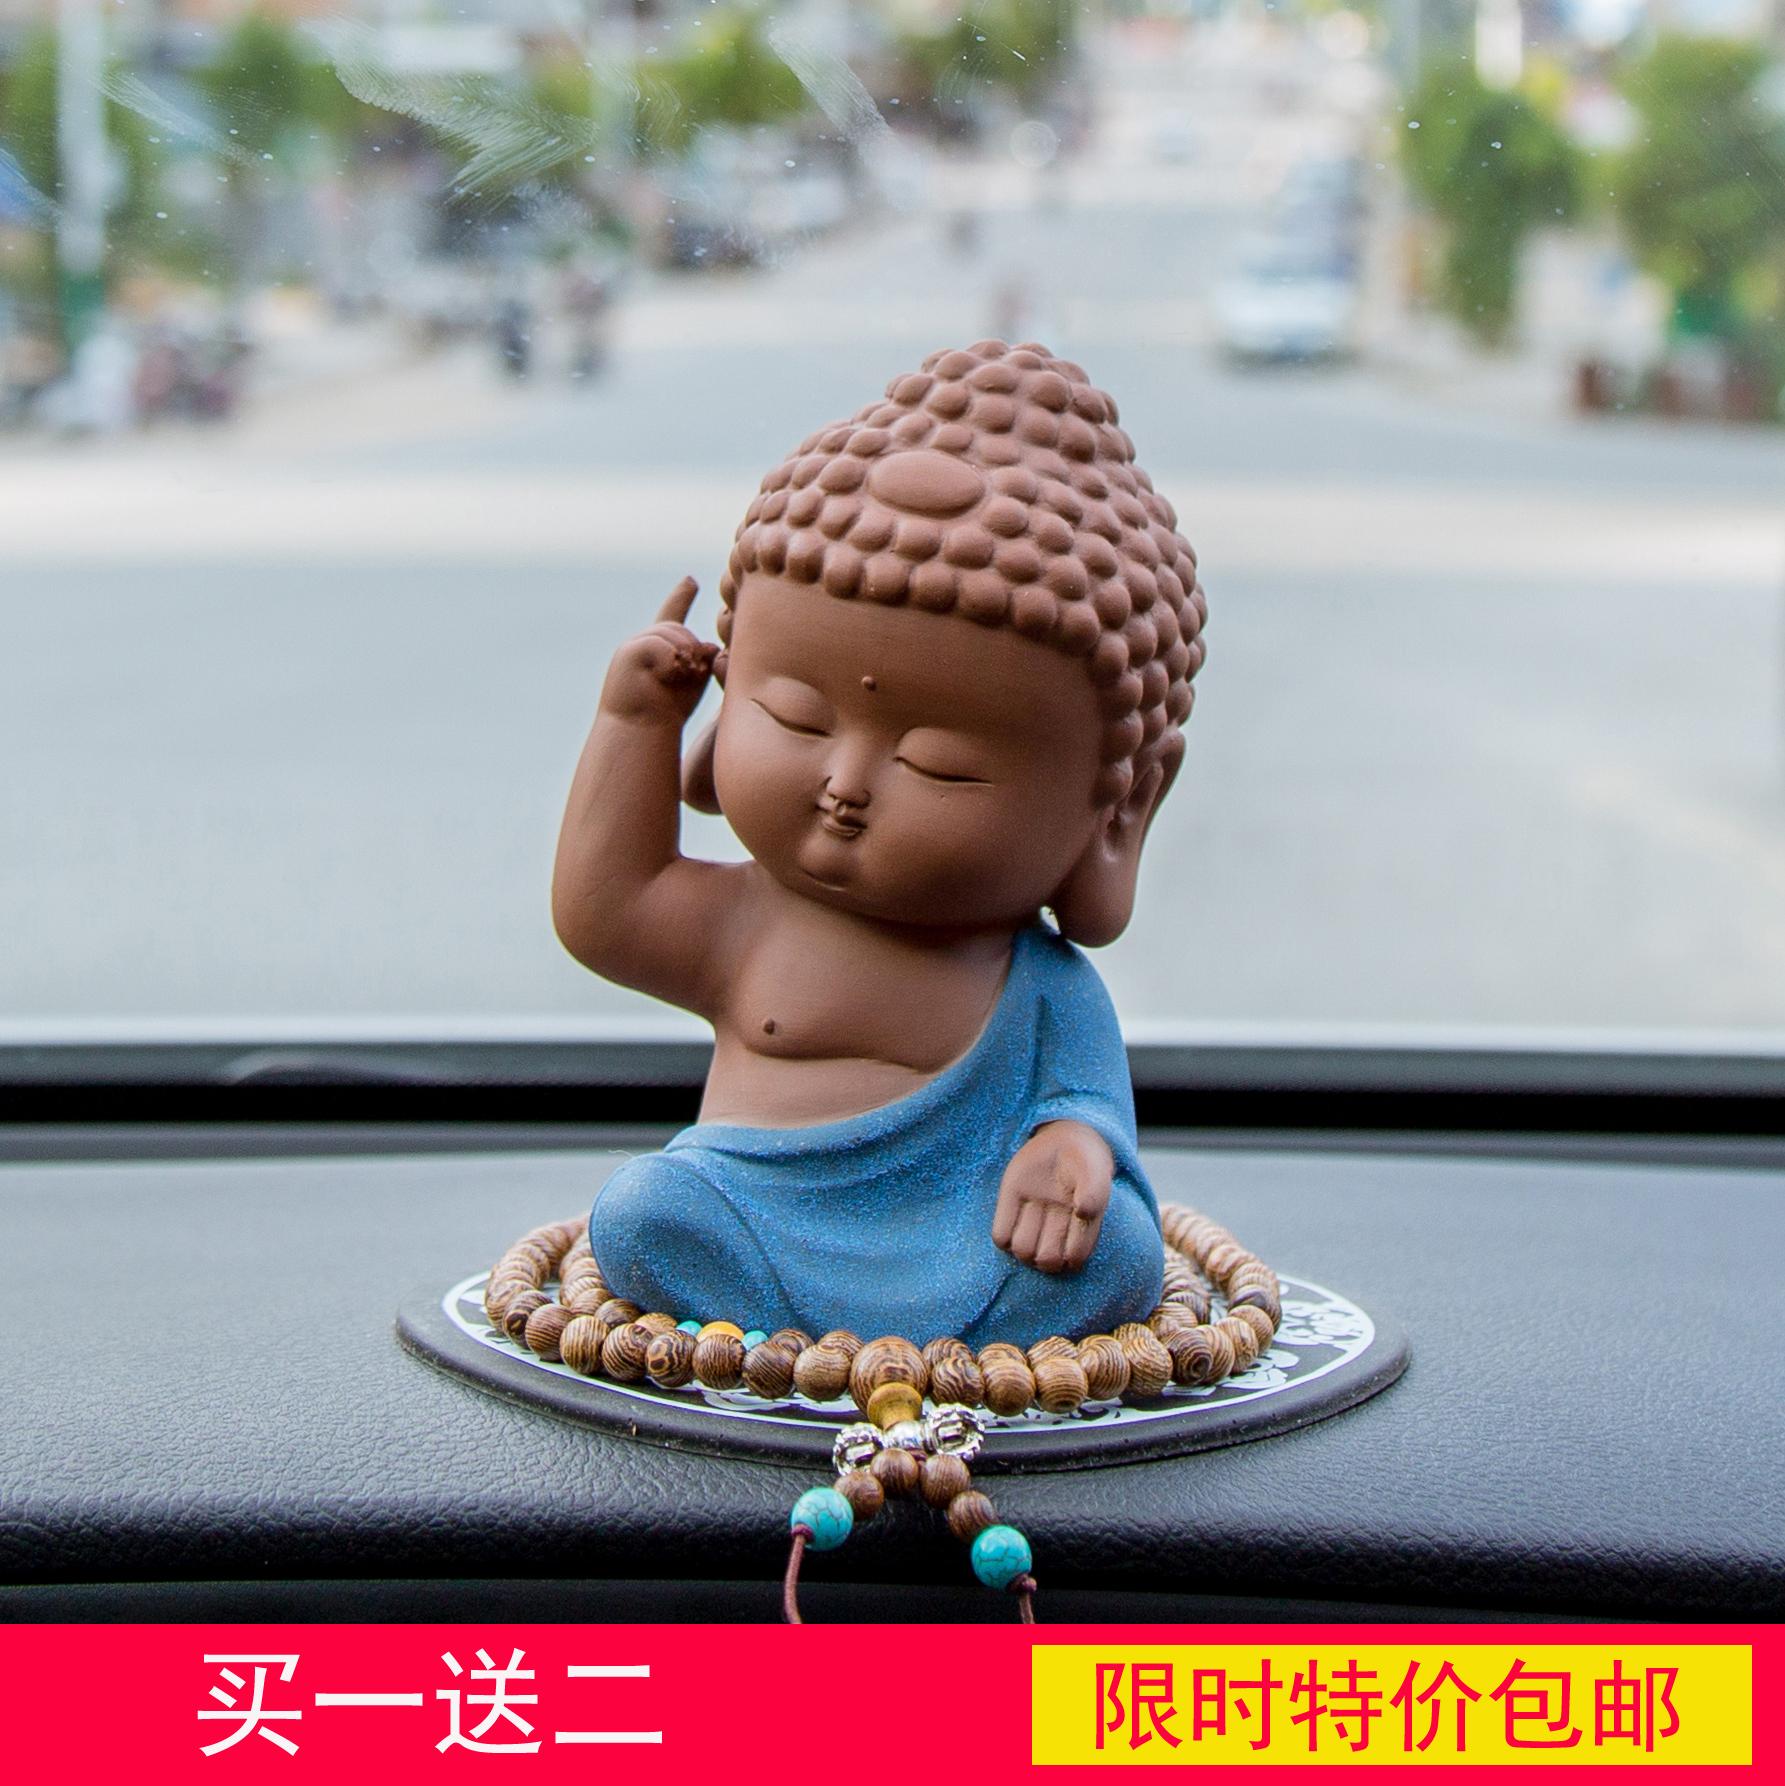 頌禪小如來(藍)保平安小如來創意車載佛像 車上車內裝飾用品汽車擺件可愛車飾品